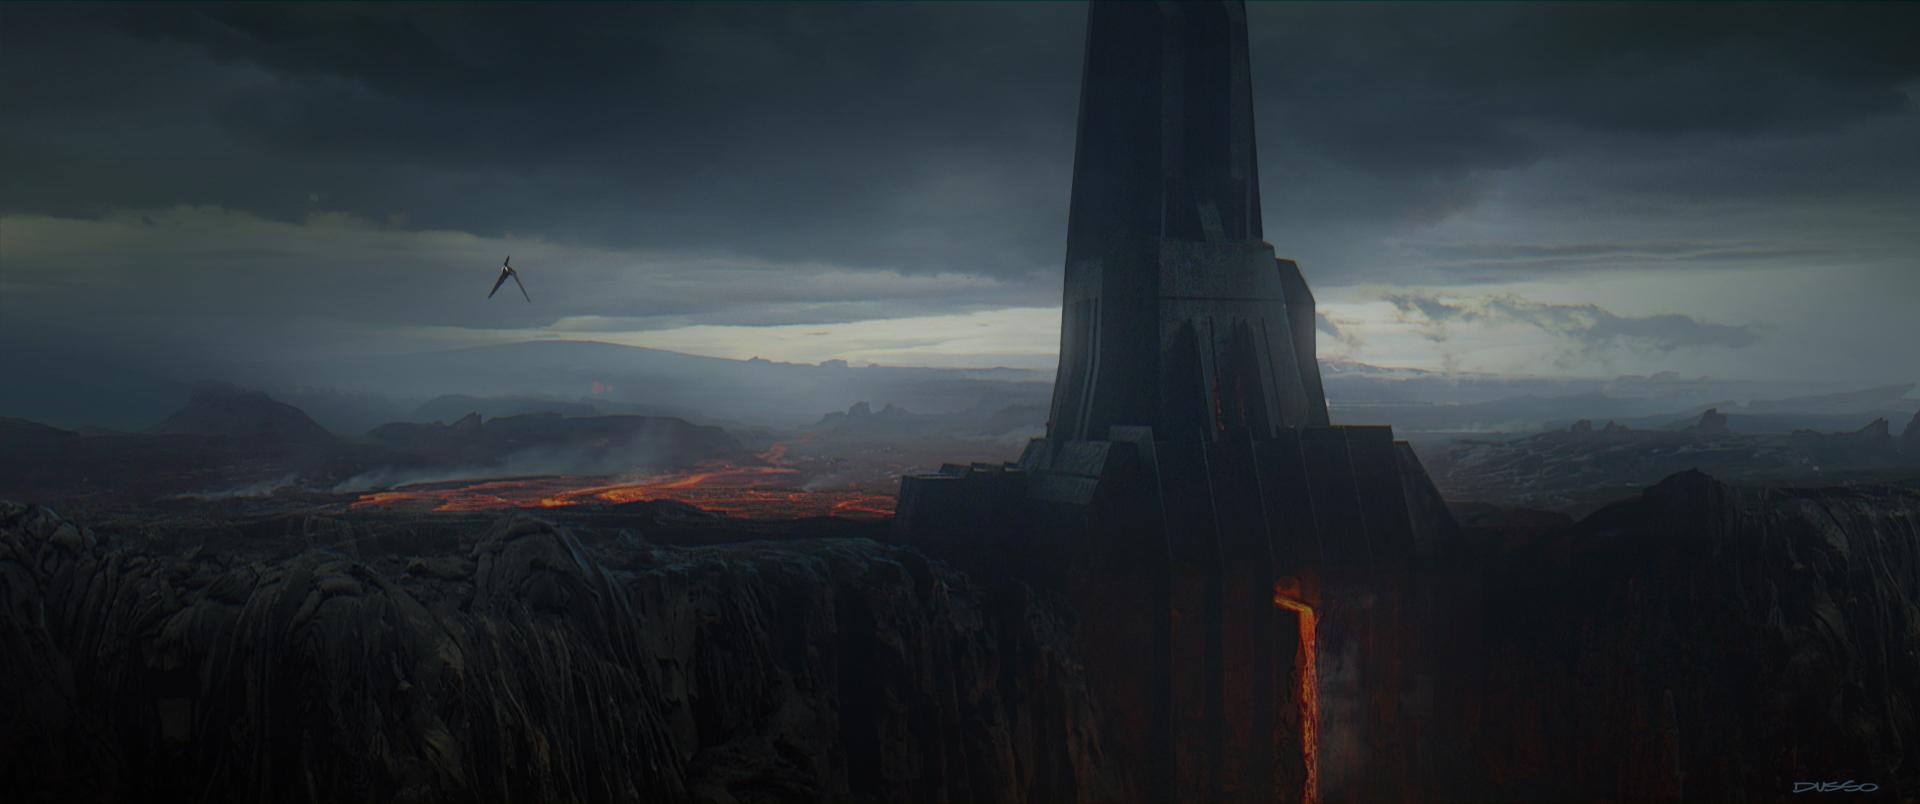 concept-art-dusseault-lava-tower